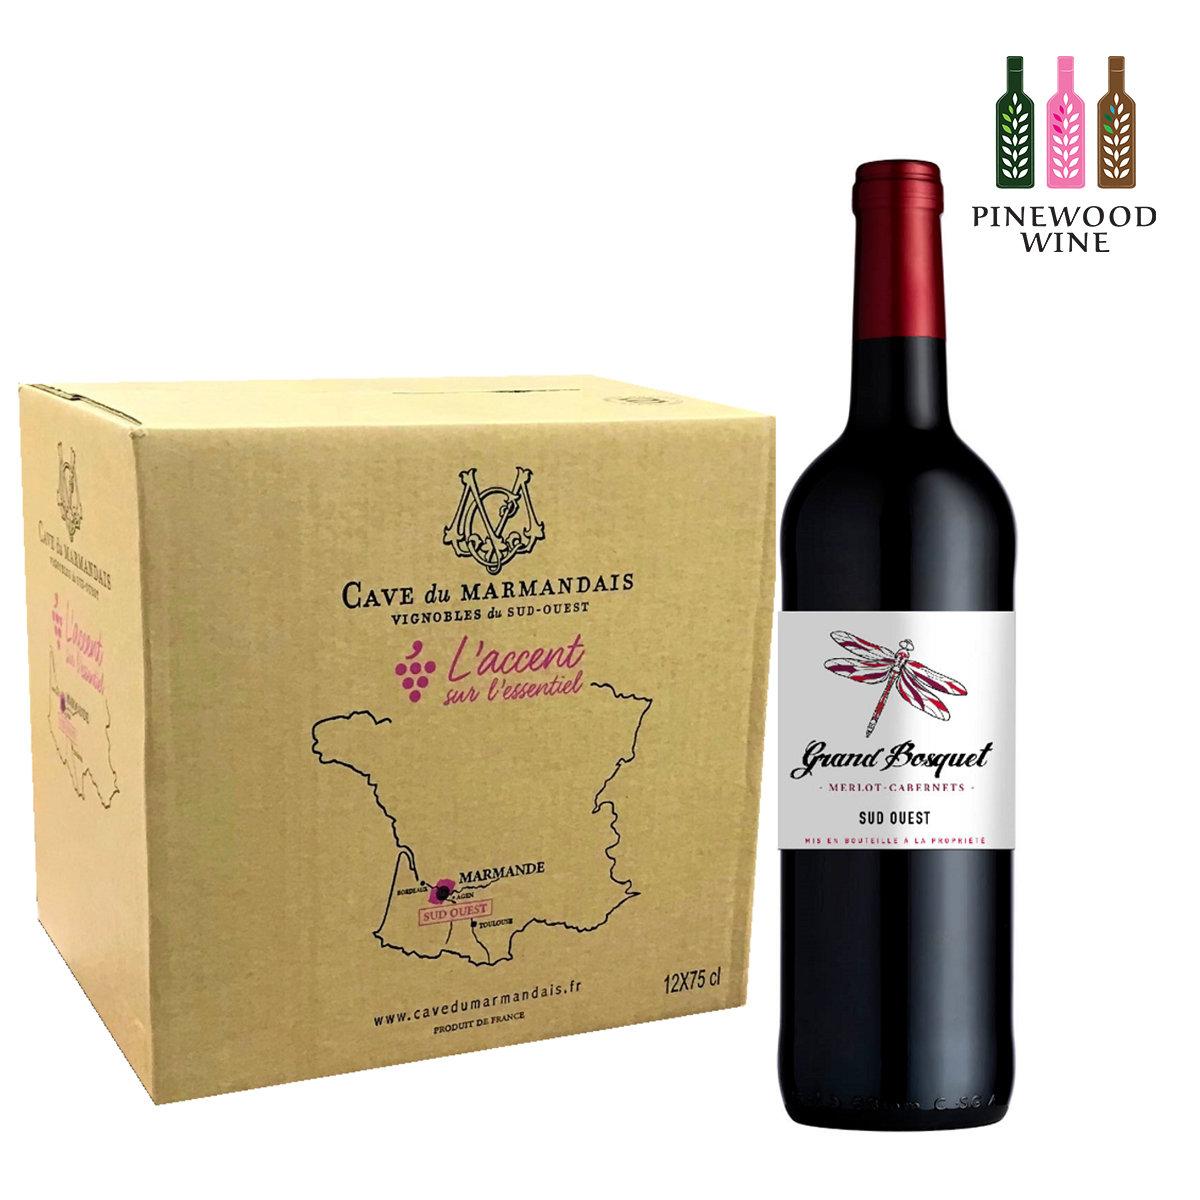 [原箱] 法國大樹蜻蜓紅酒 IGP Rouge, South West, France